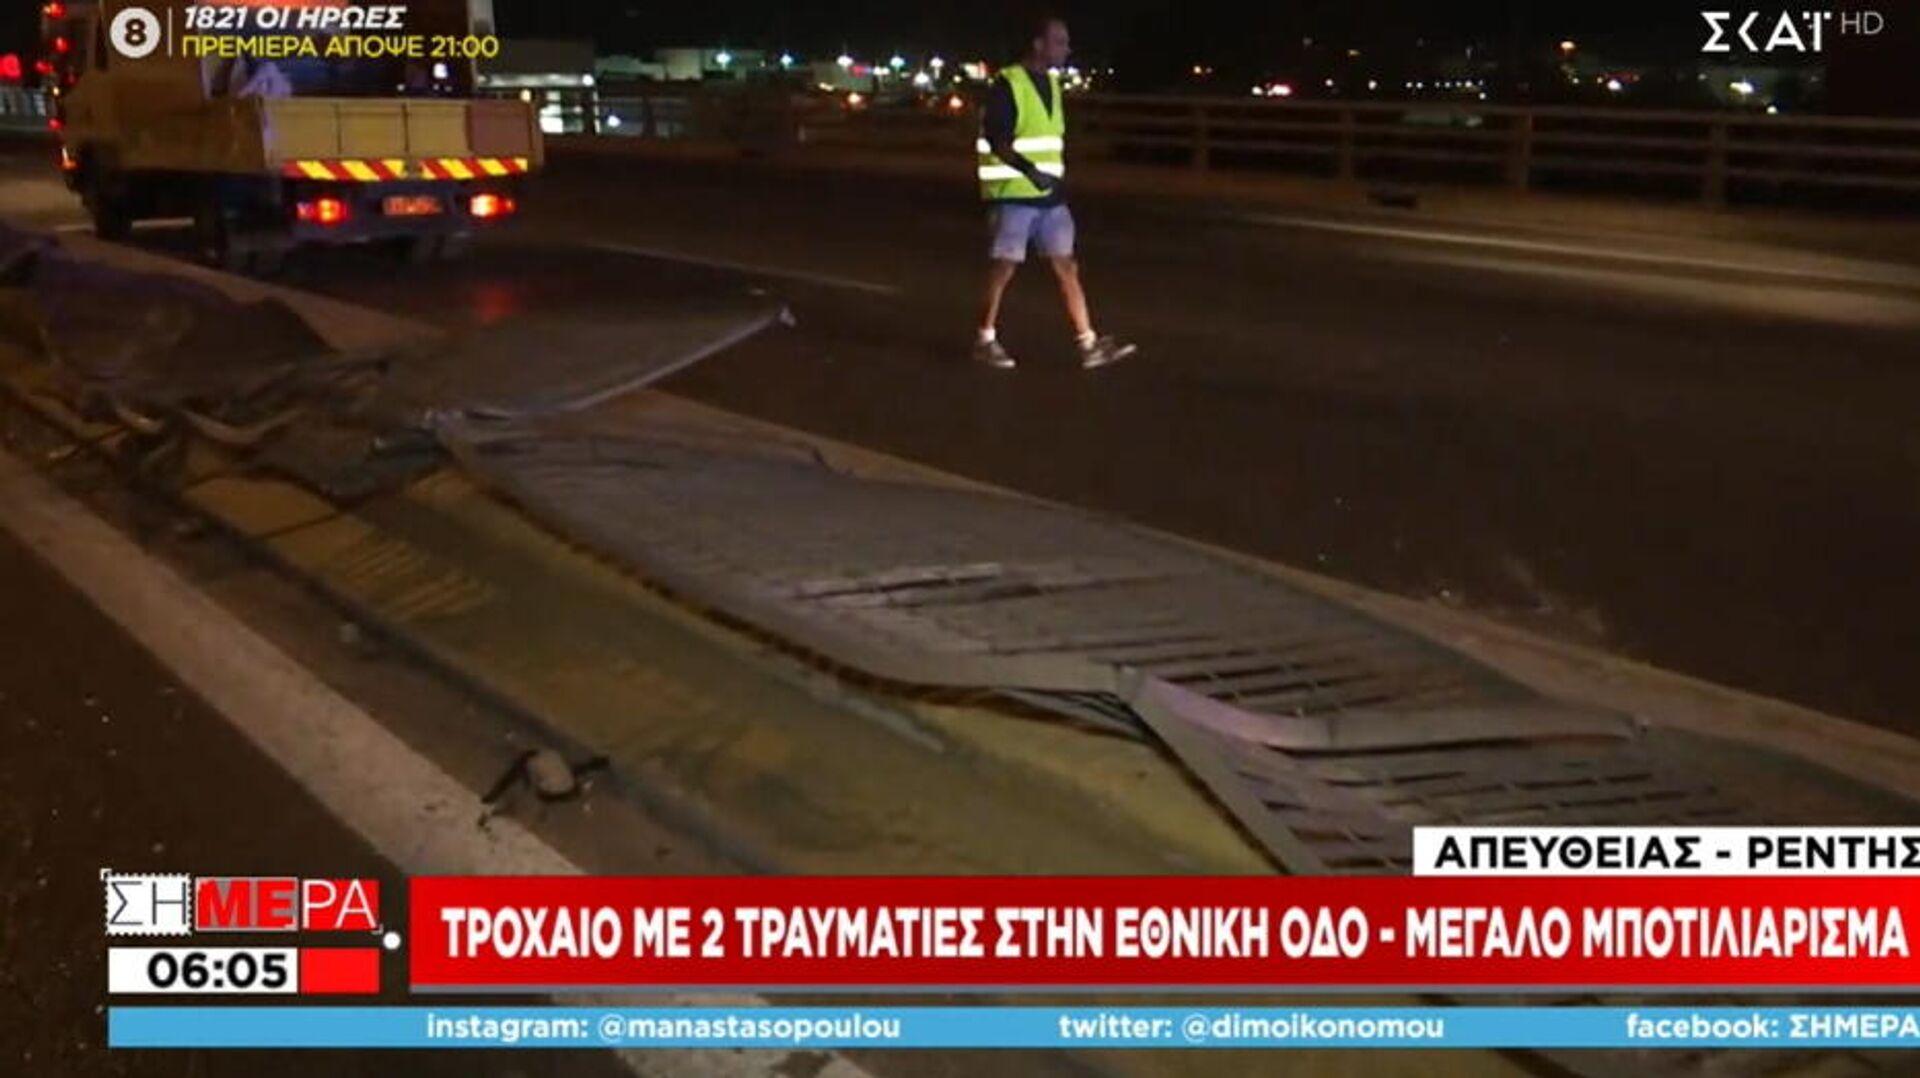 Τροχαίο ατύχημα στον Ρέντη (ΣΚΑΪ), 1 Οκτωβρίου 2021 - Sputnik Ελλάδα, 1920, 01.10.2021